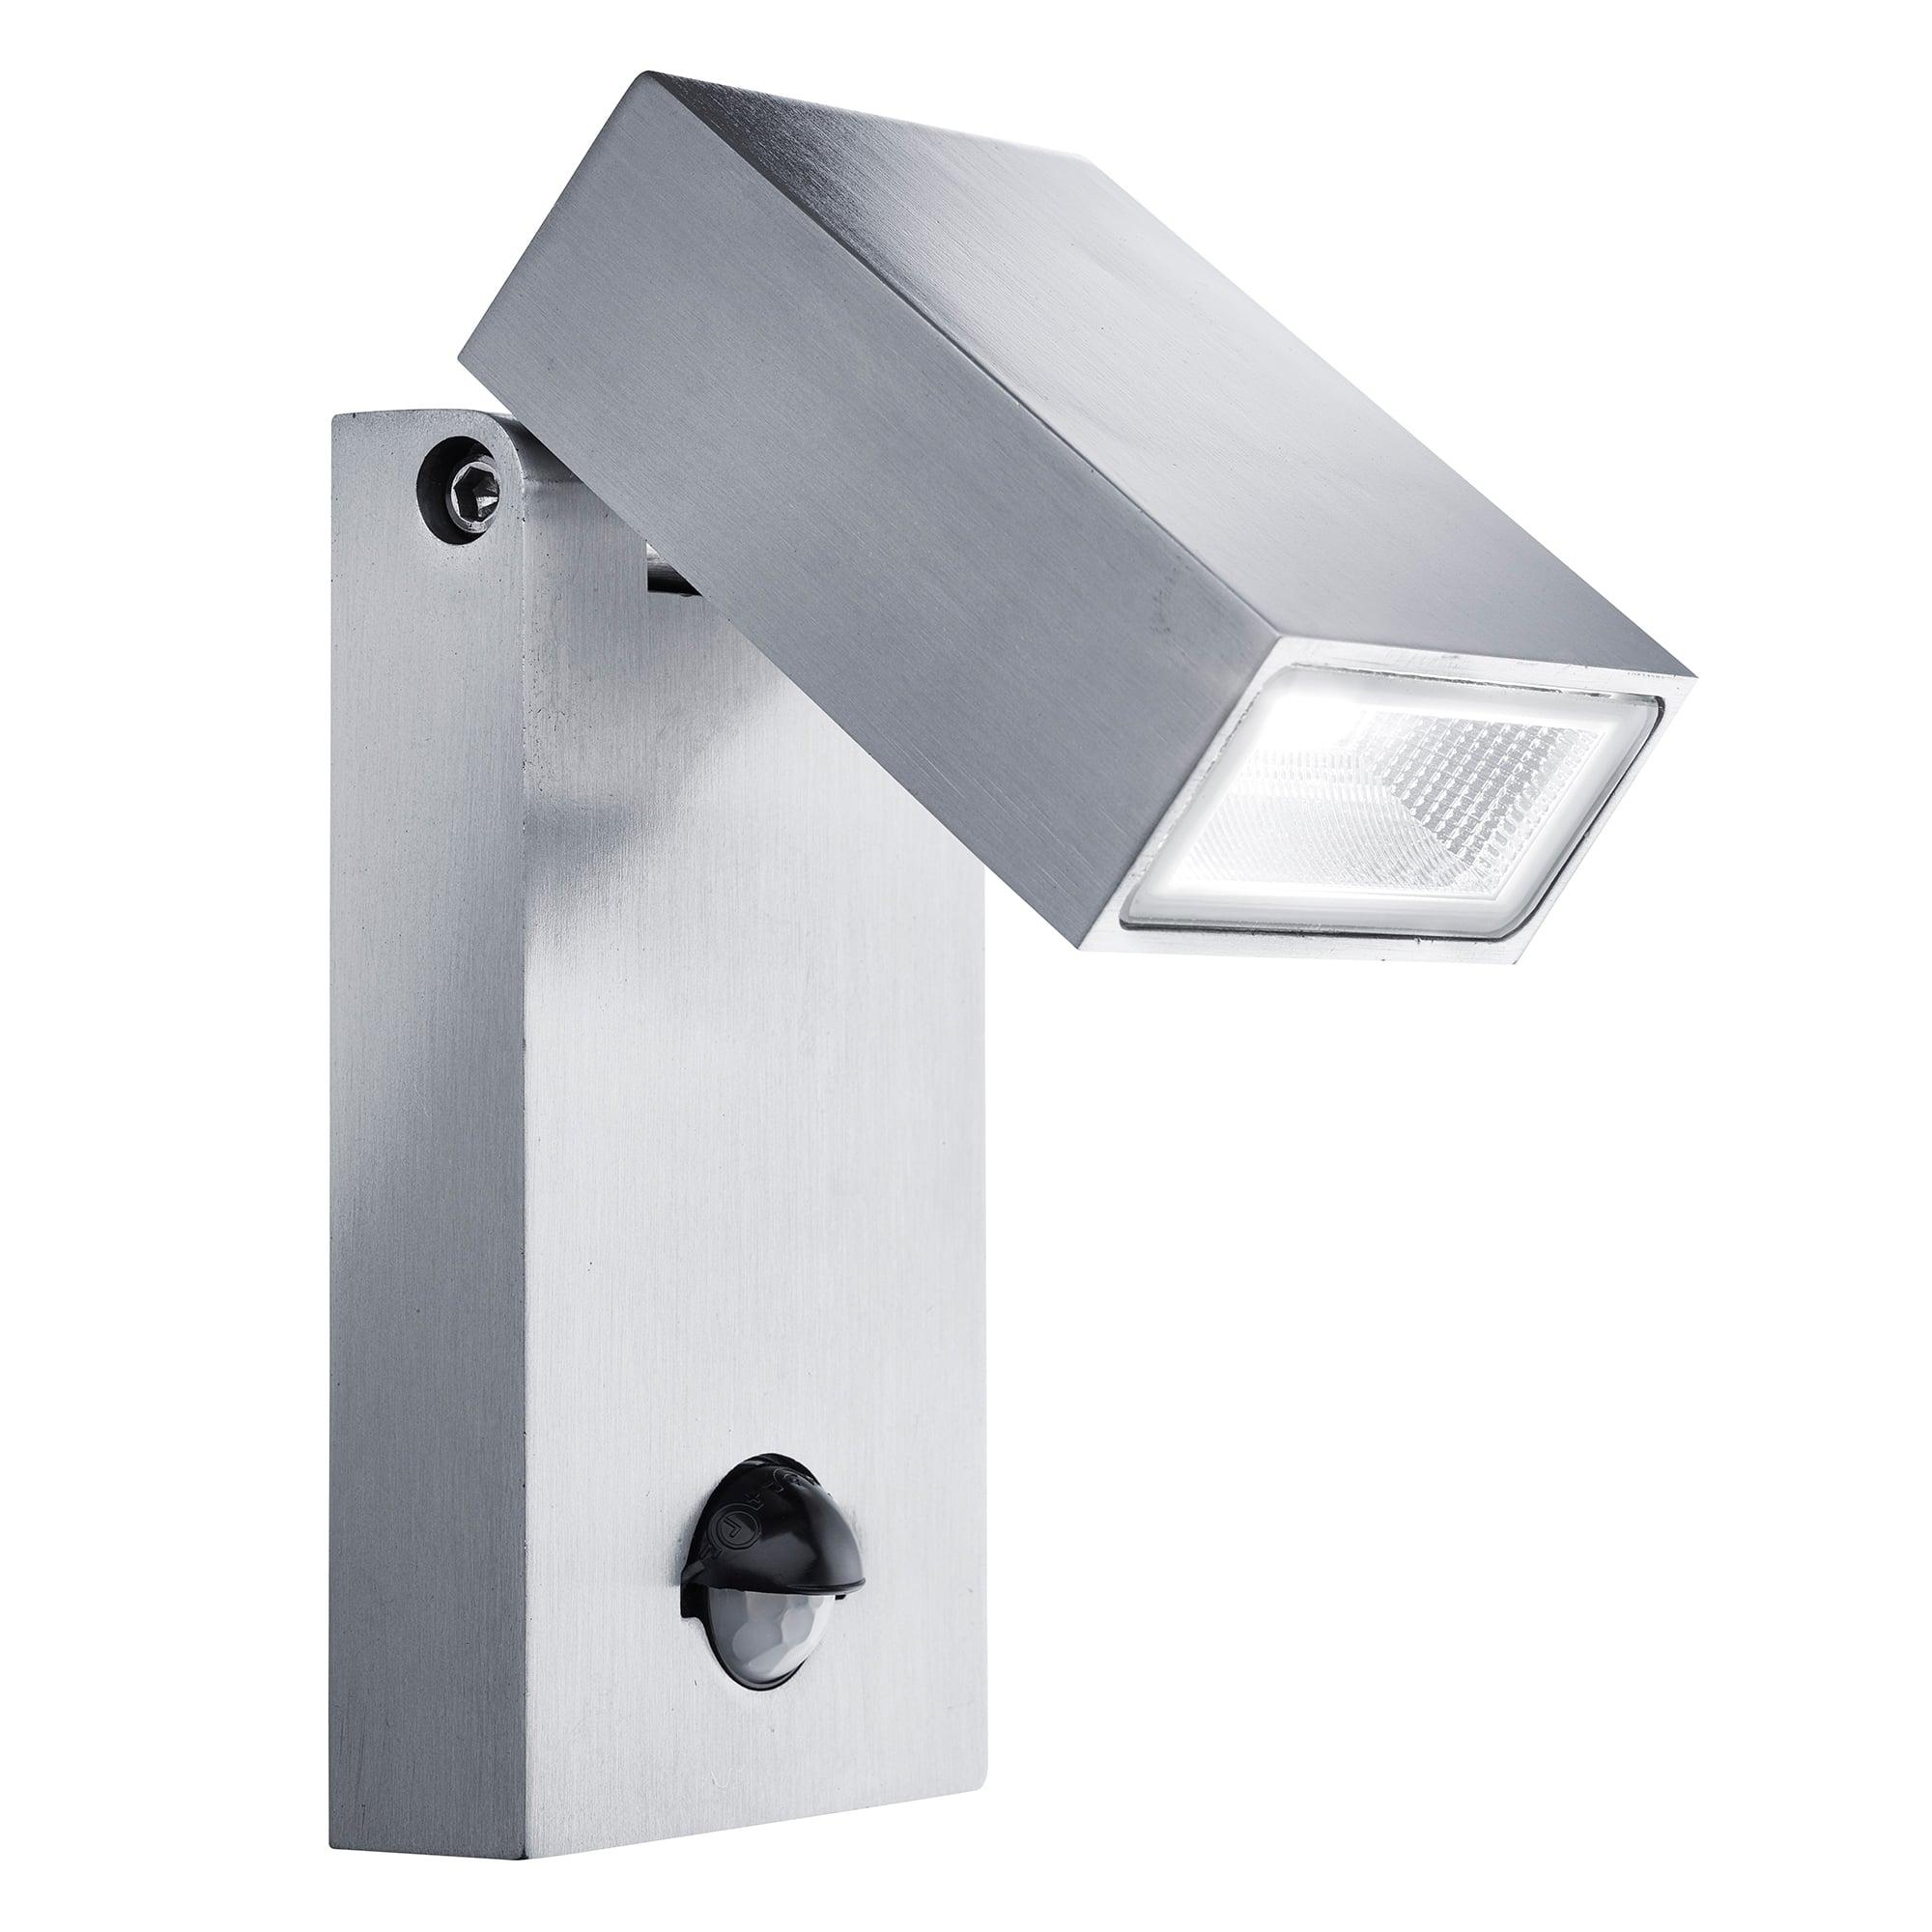 LED Lighting PIR Lights Motion Sensor